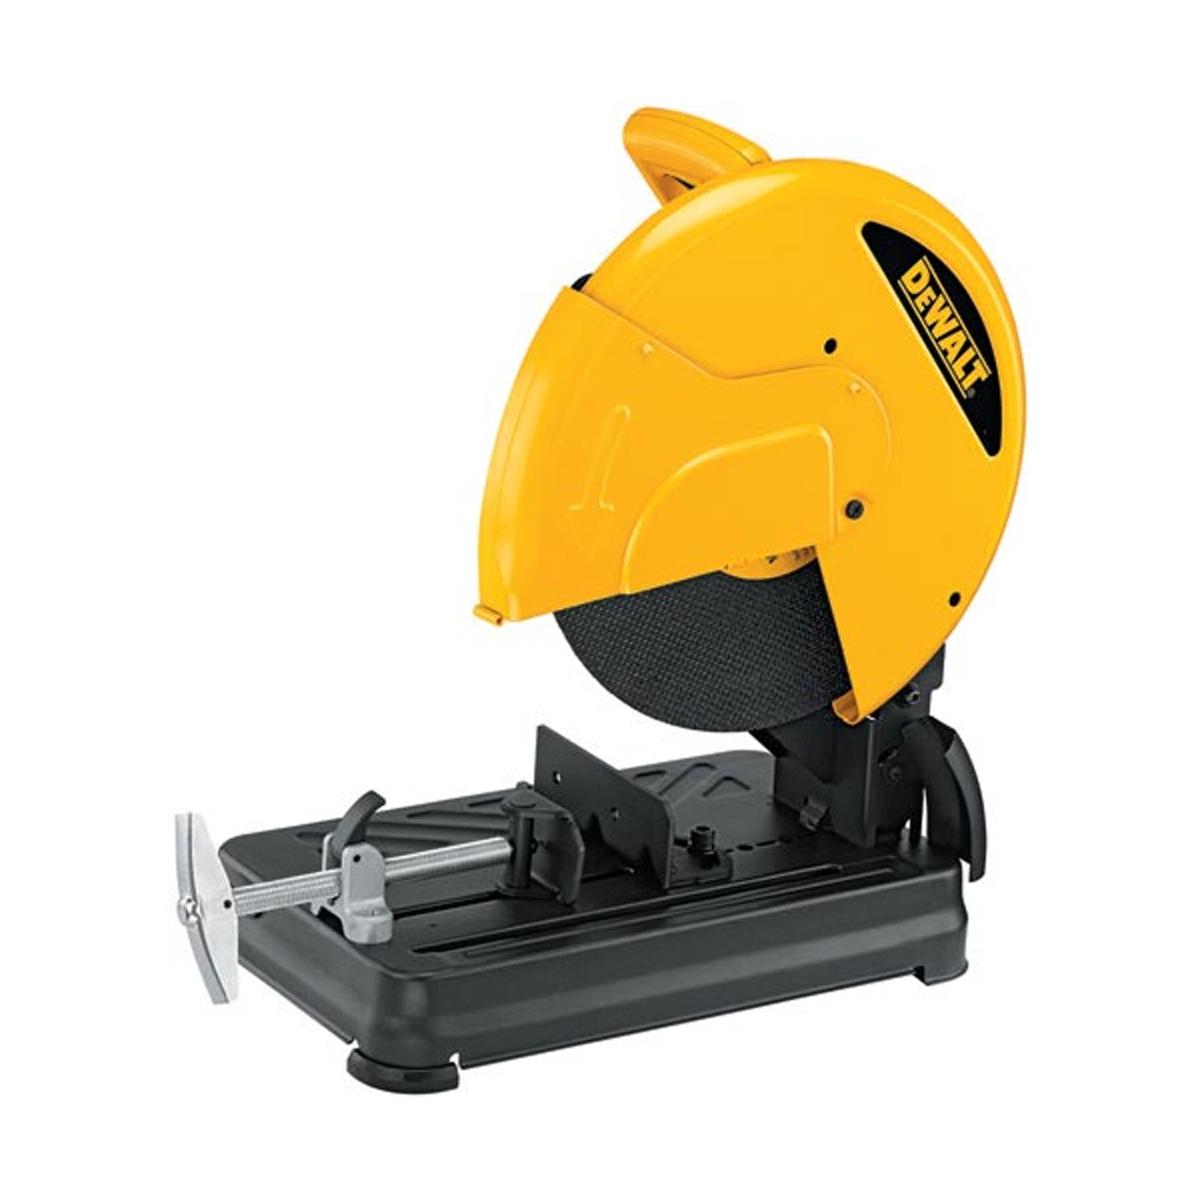 DEWALT MAJA / PILA ZA METAL 2200W 355MM D28710